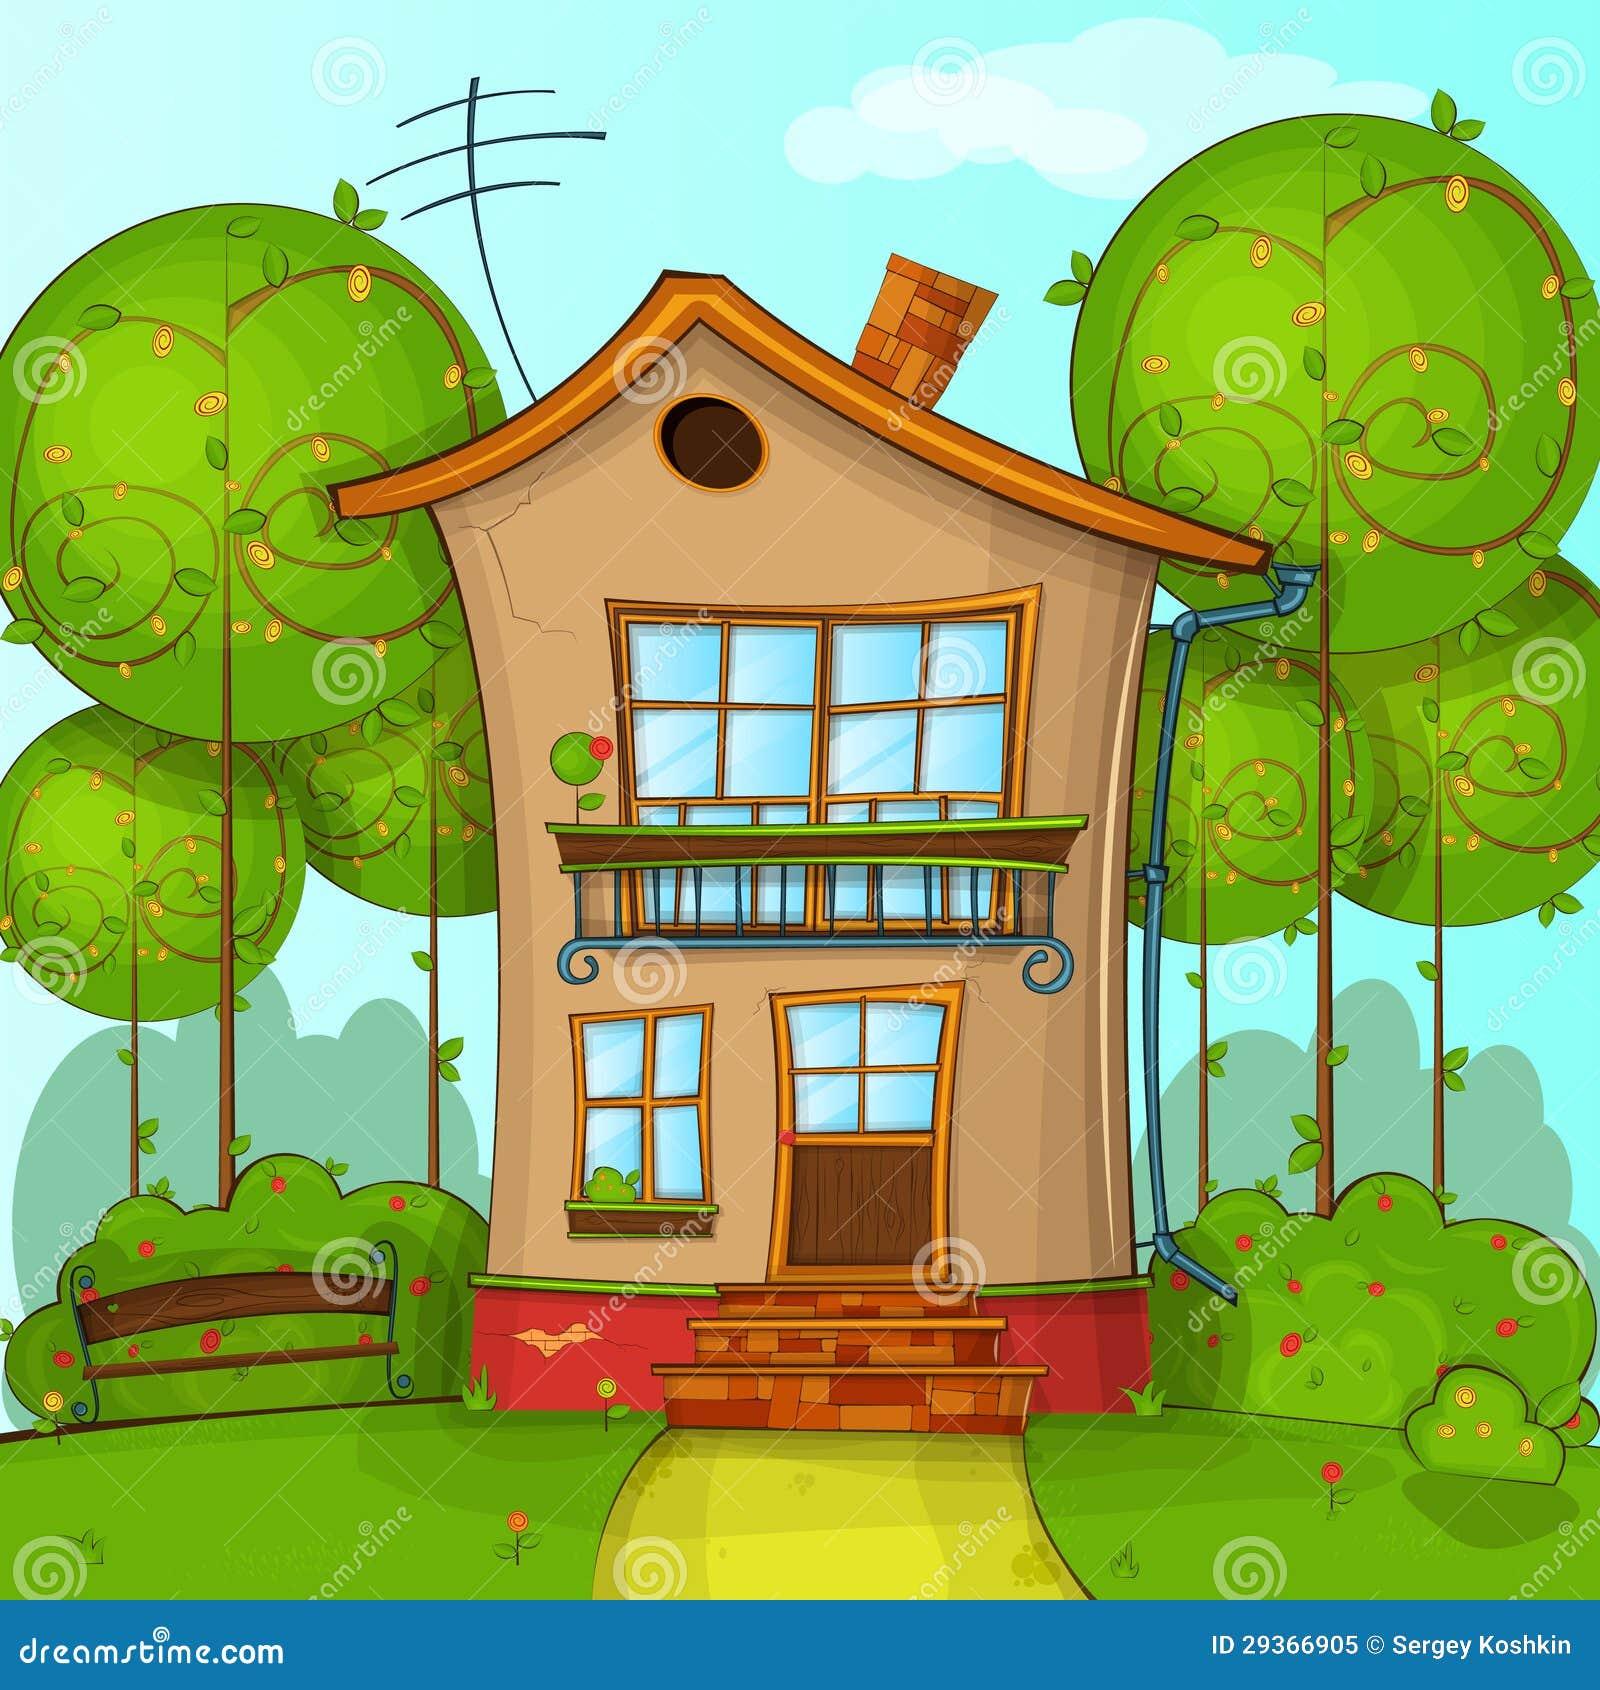 Cartoon House Royalty Free Stock Photo